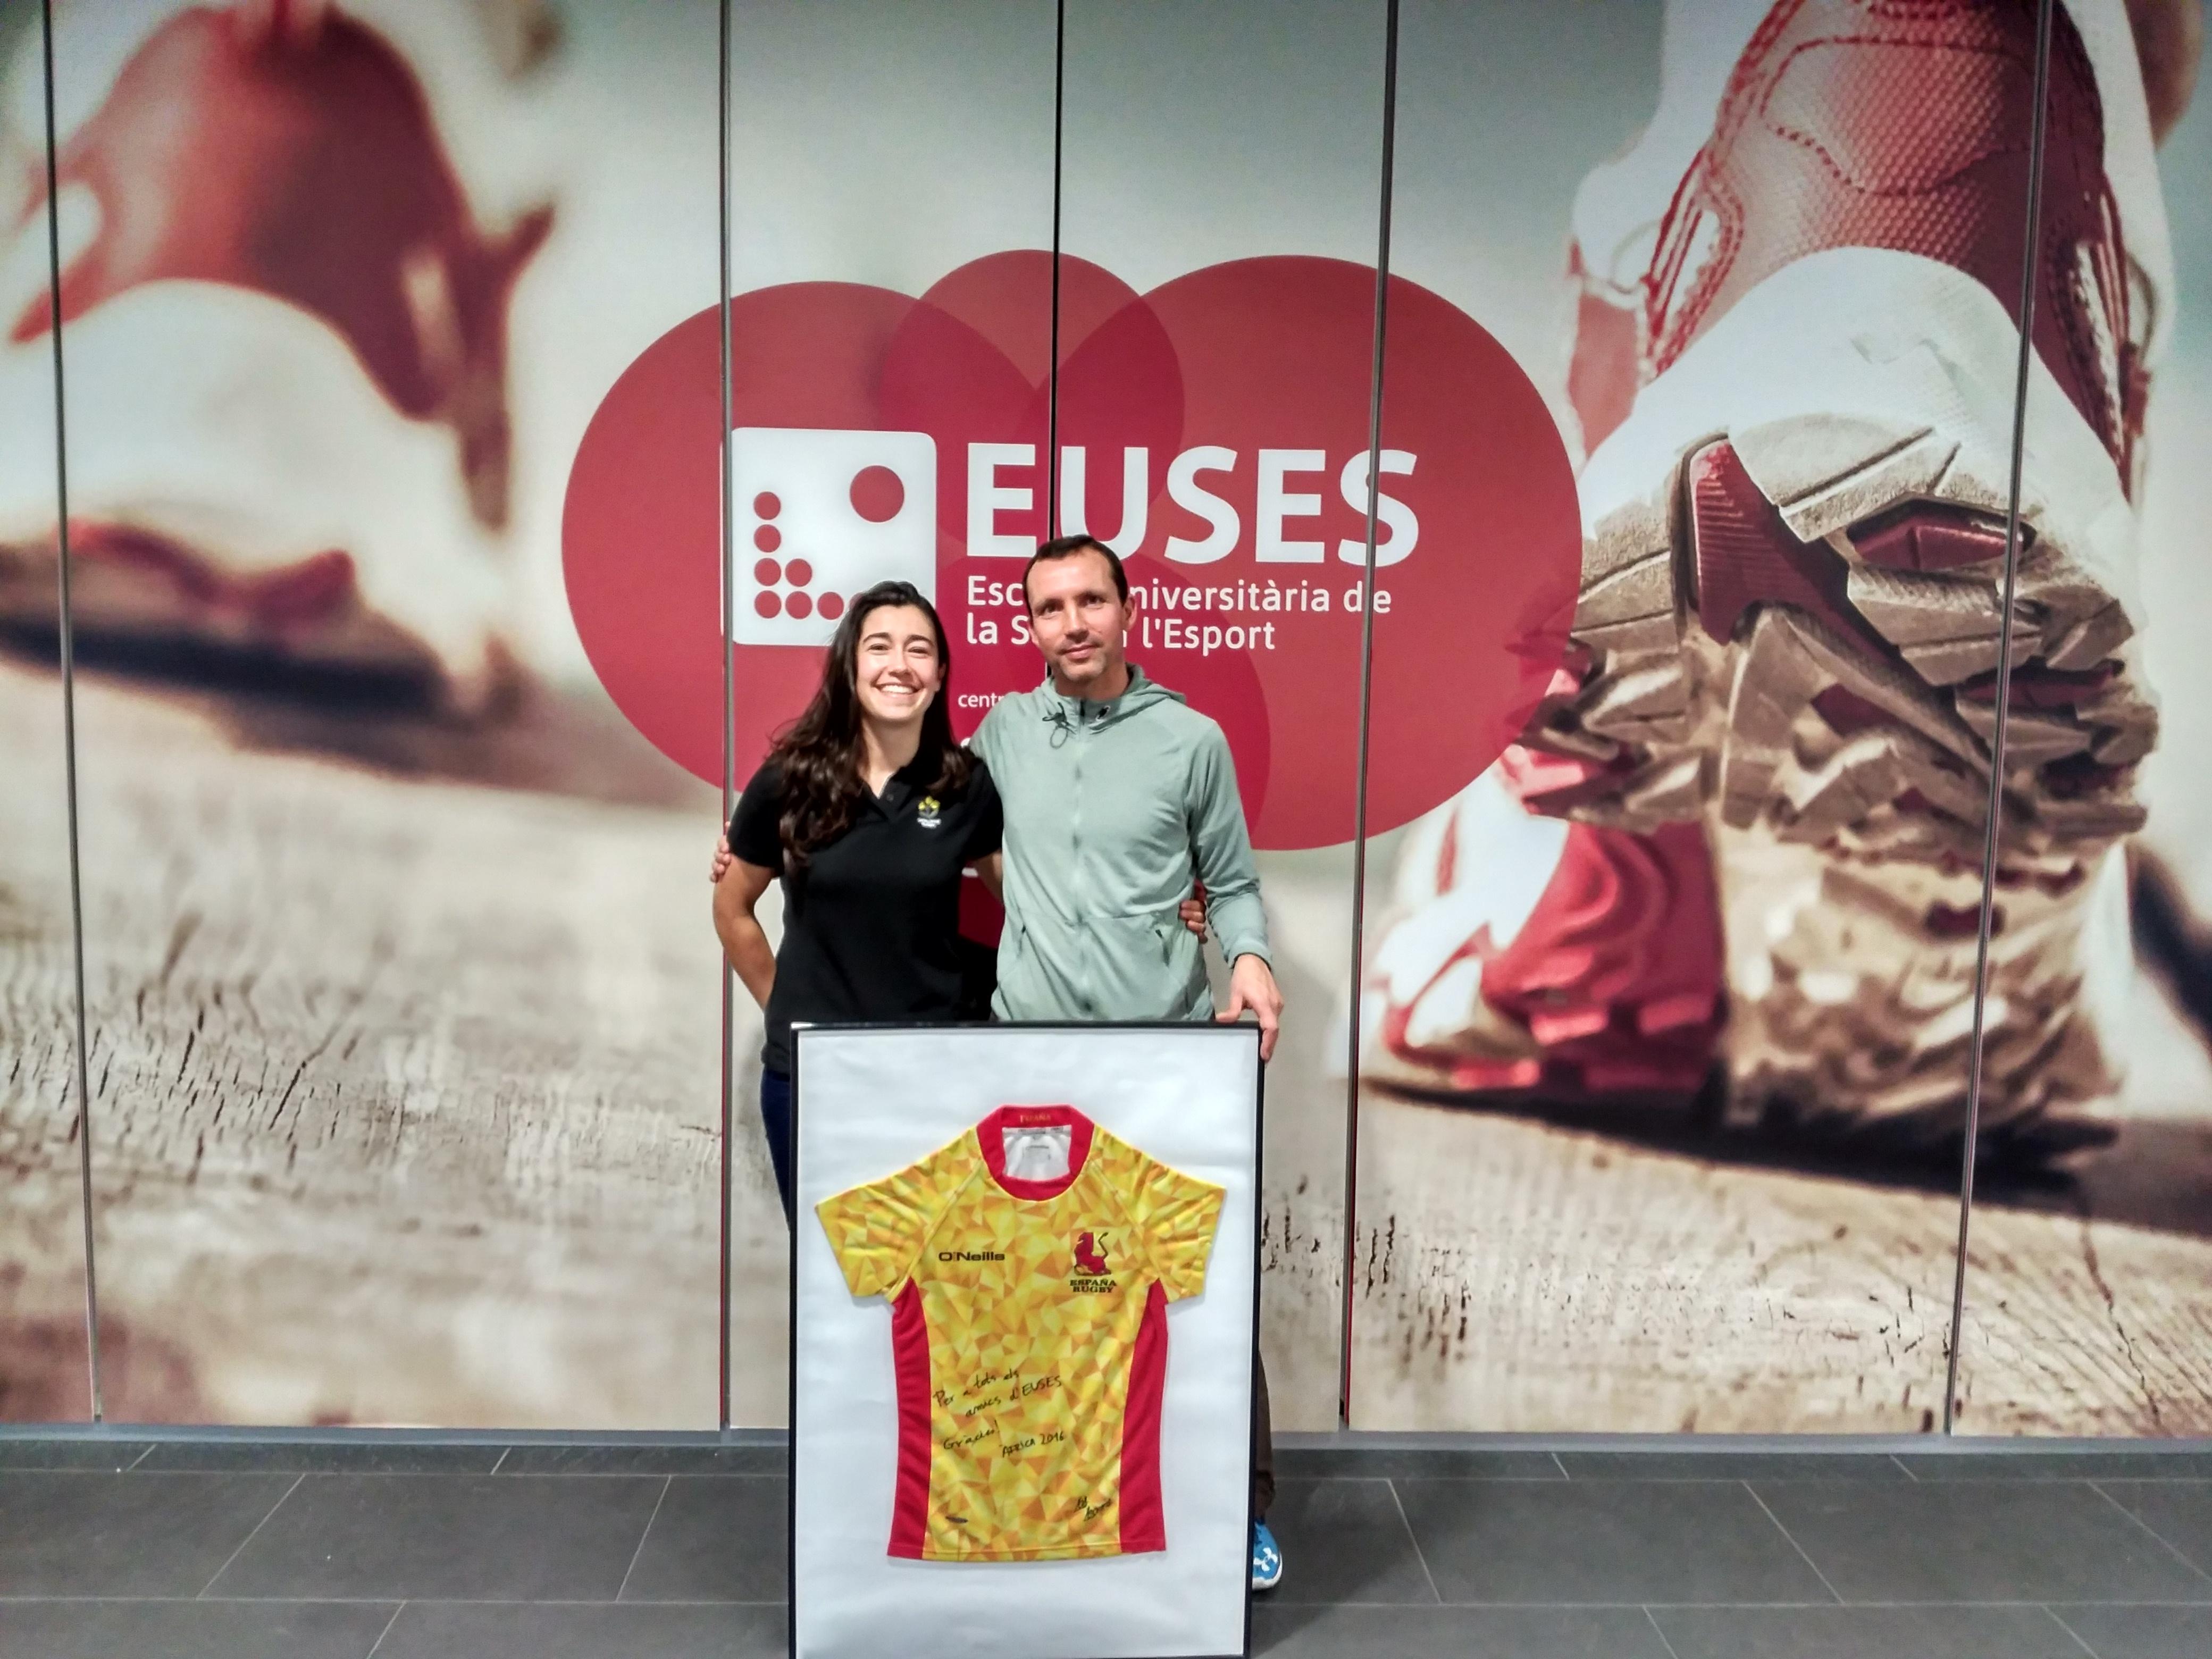 Africa Félez, graduada en CAFE i actual estuidant del Grau en Fisioteràpia, cedeix a EUSES una samarreta de la selecció espanyola de rugbi